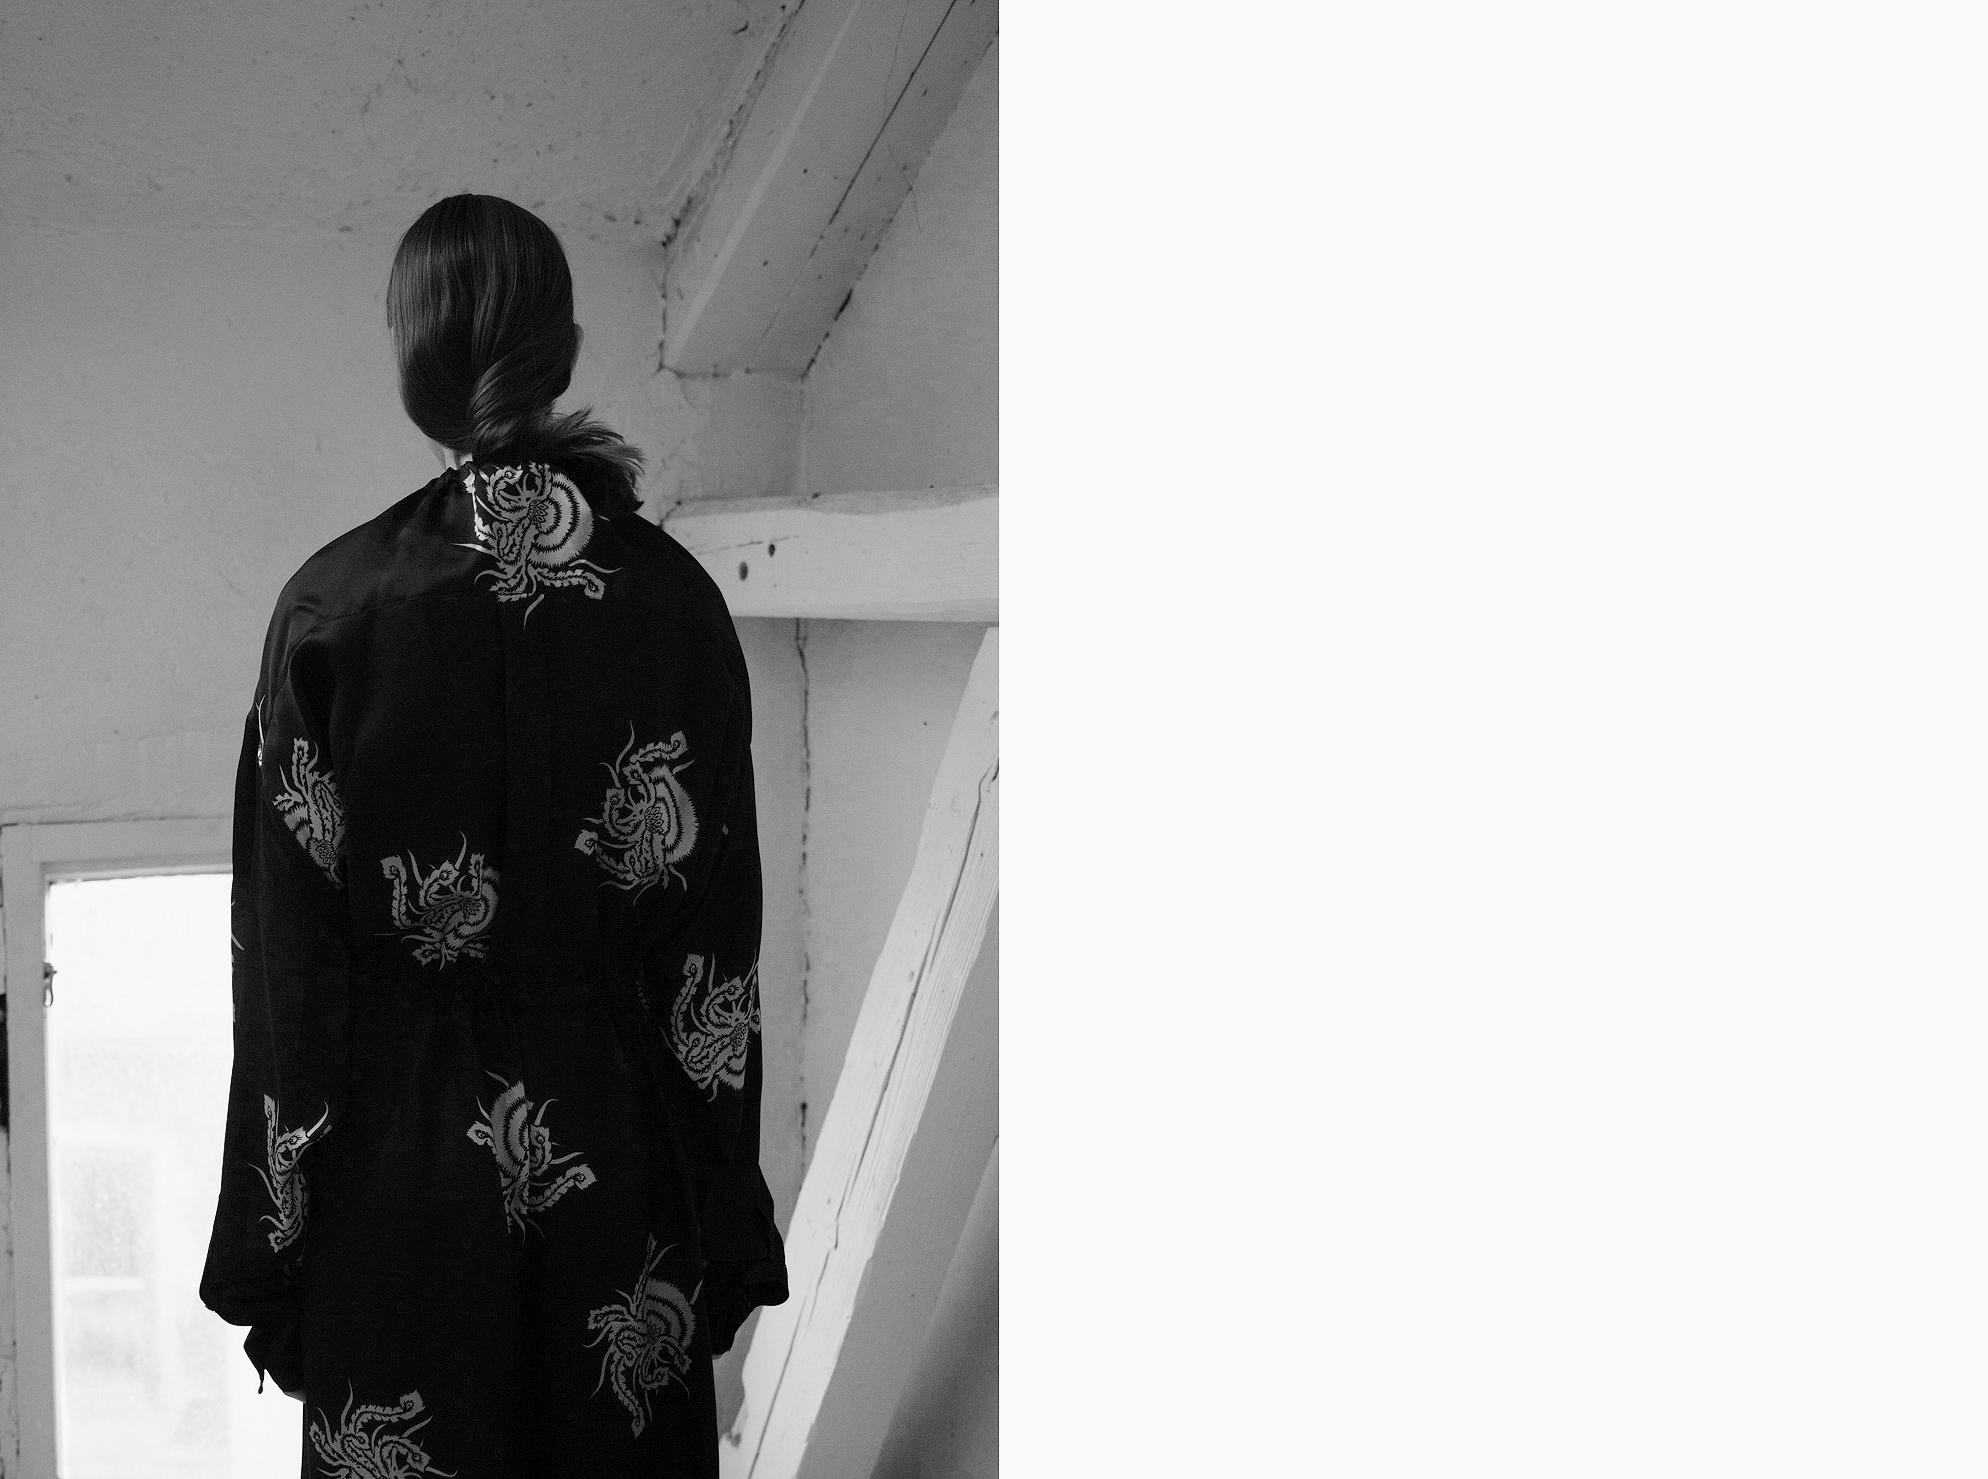 Dress: Dries van Noten AW18 / Studio Scarpa Oslo